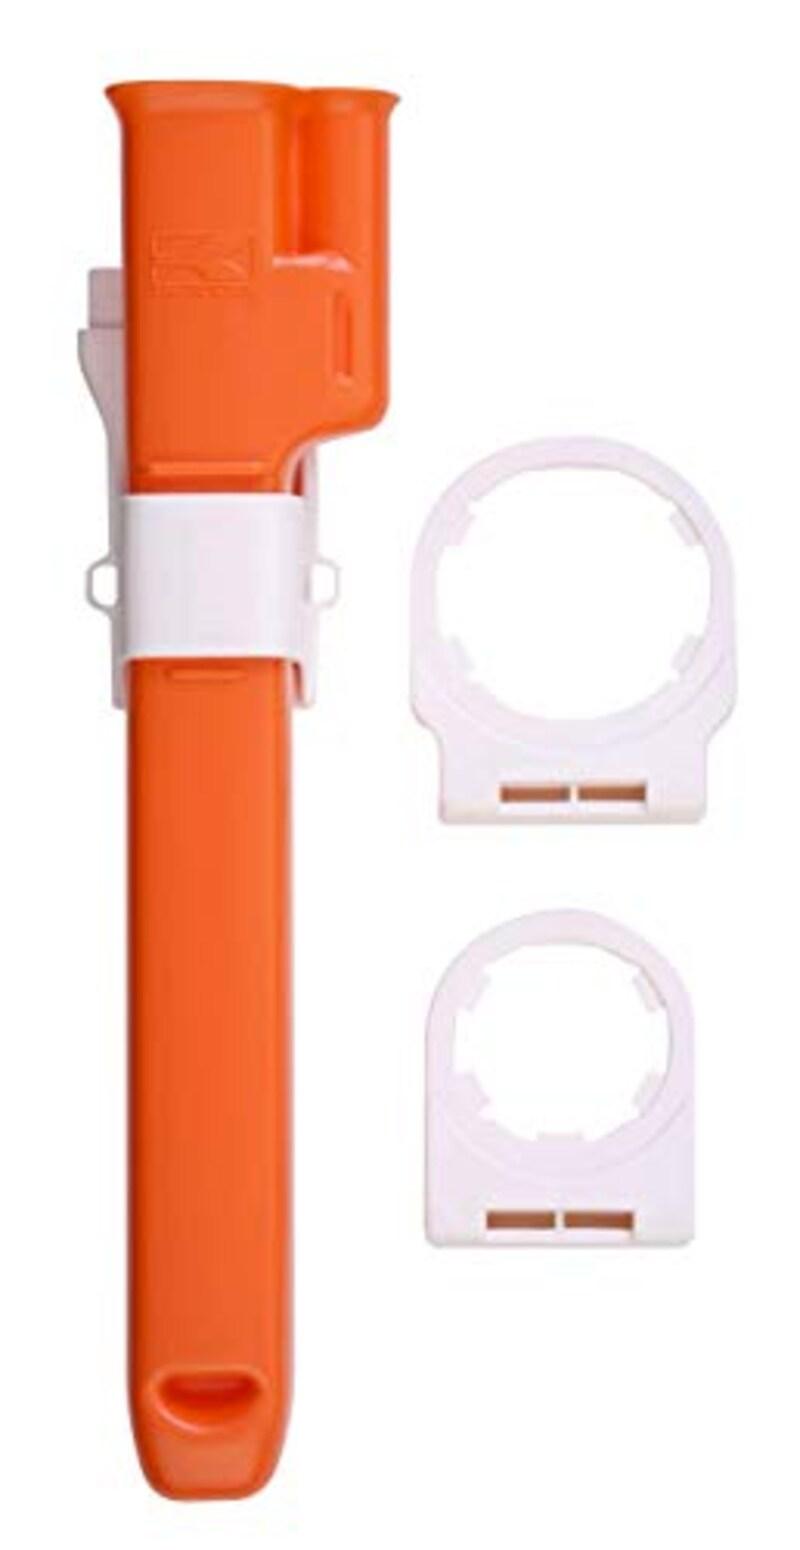 工進 (KOSHIN),灯油ポンプEPシリーズ用 ポンプ収納ケース